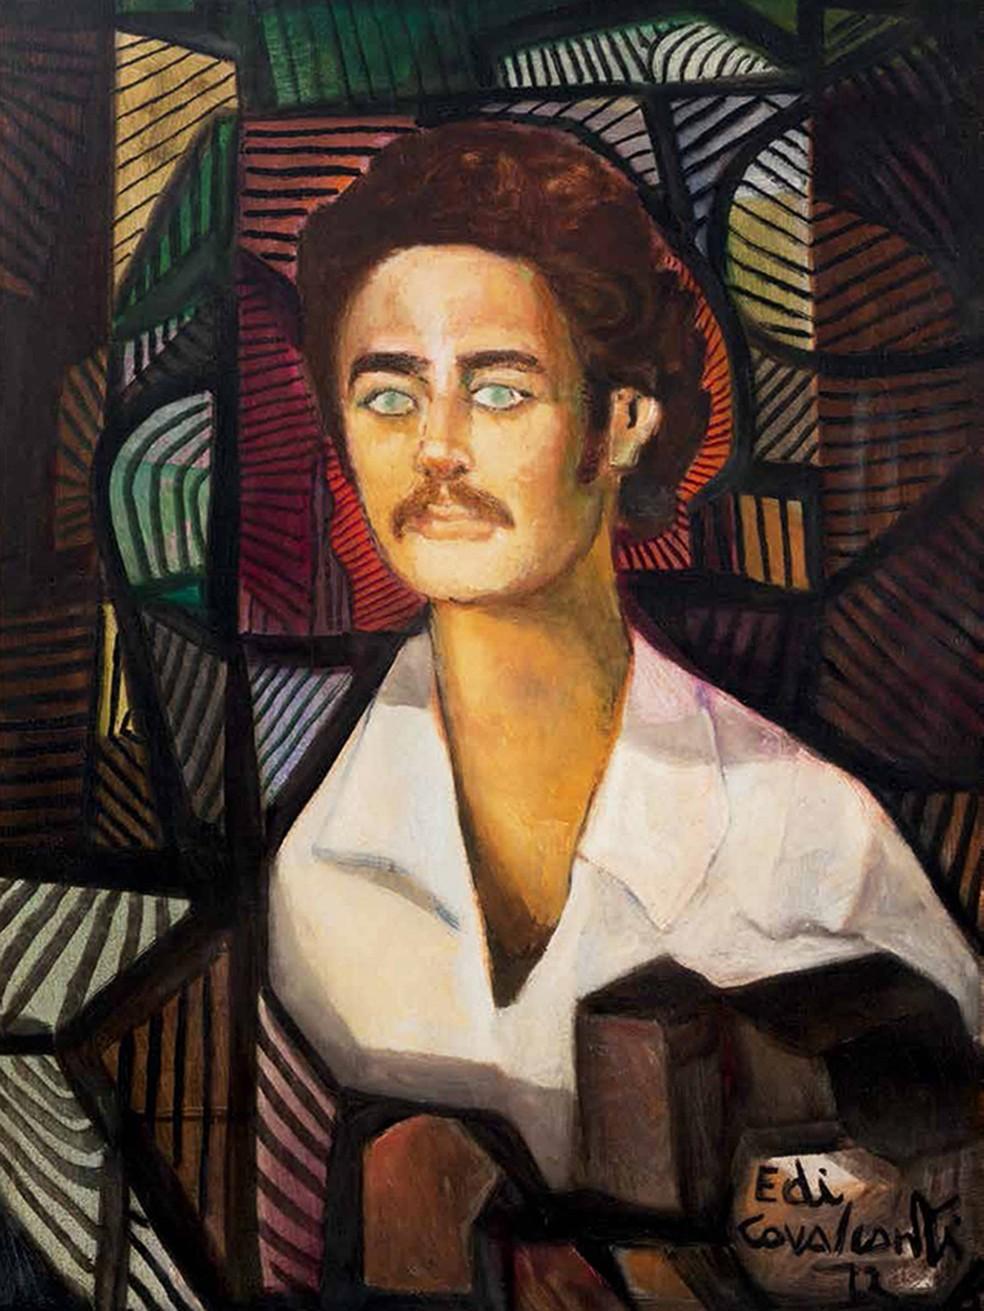 Chico Buarque em 1972 no traço do pintor Di Cavalcanti — Foto: Di Cavalcanti / Reprodução do livro 'Revela-te, Chico'